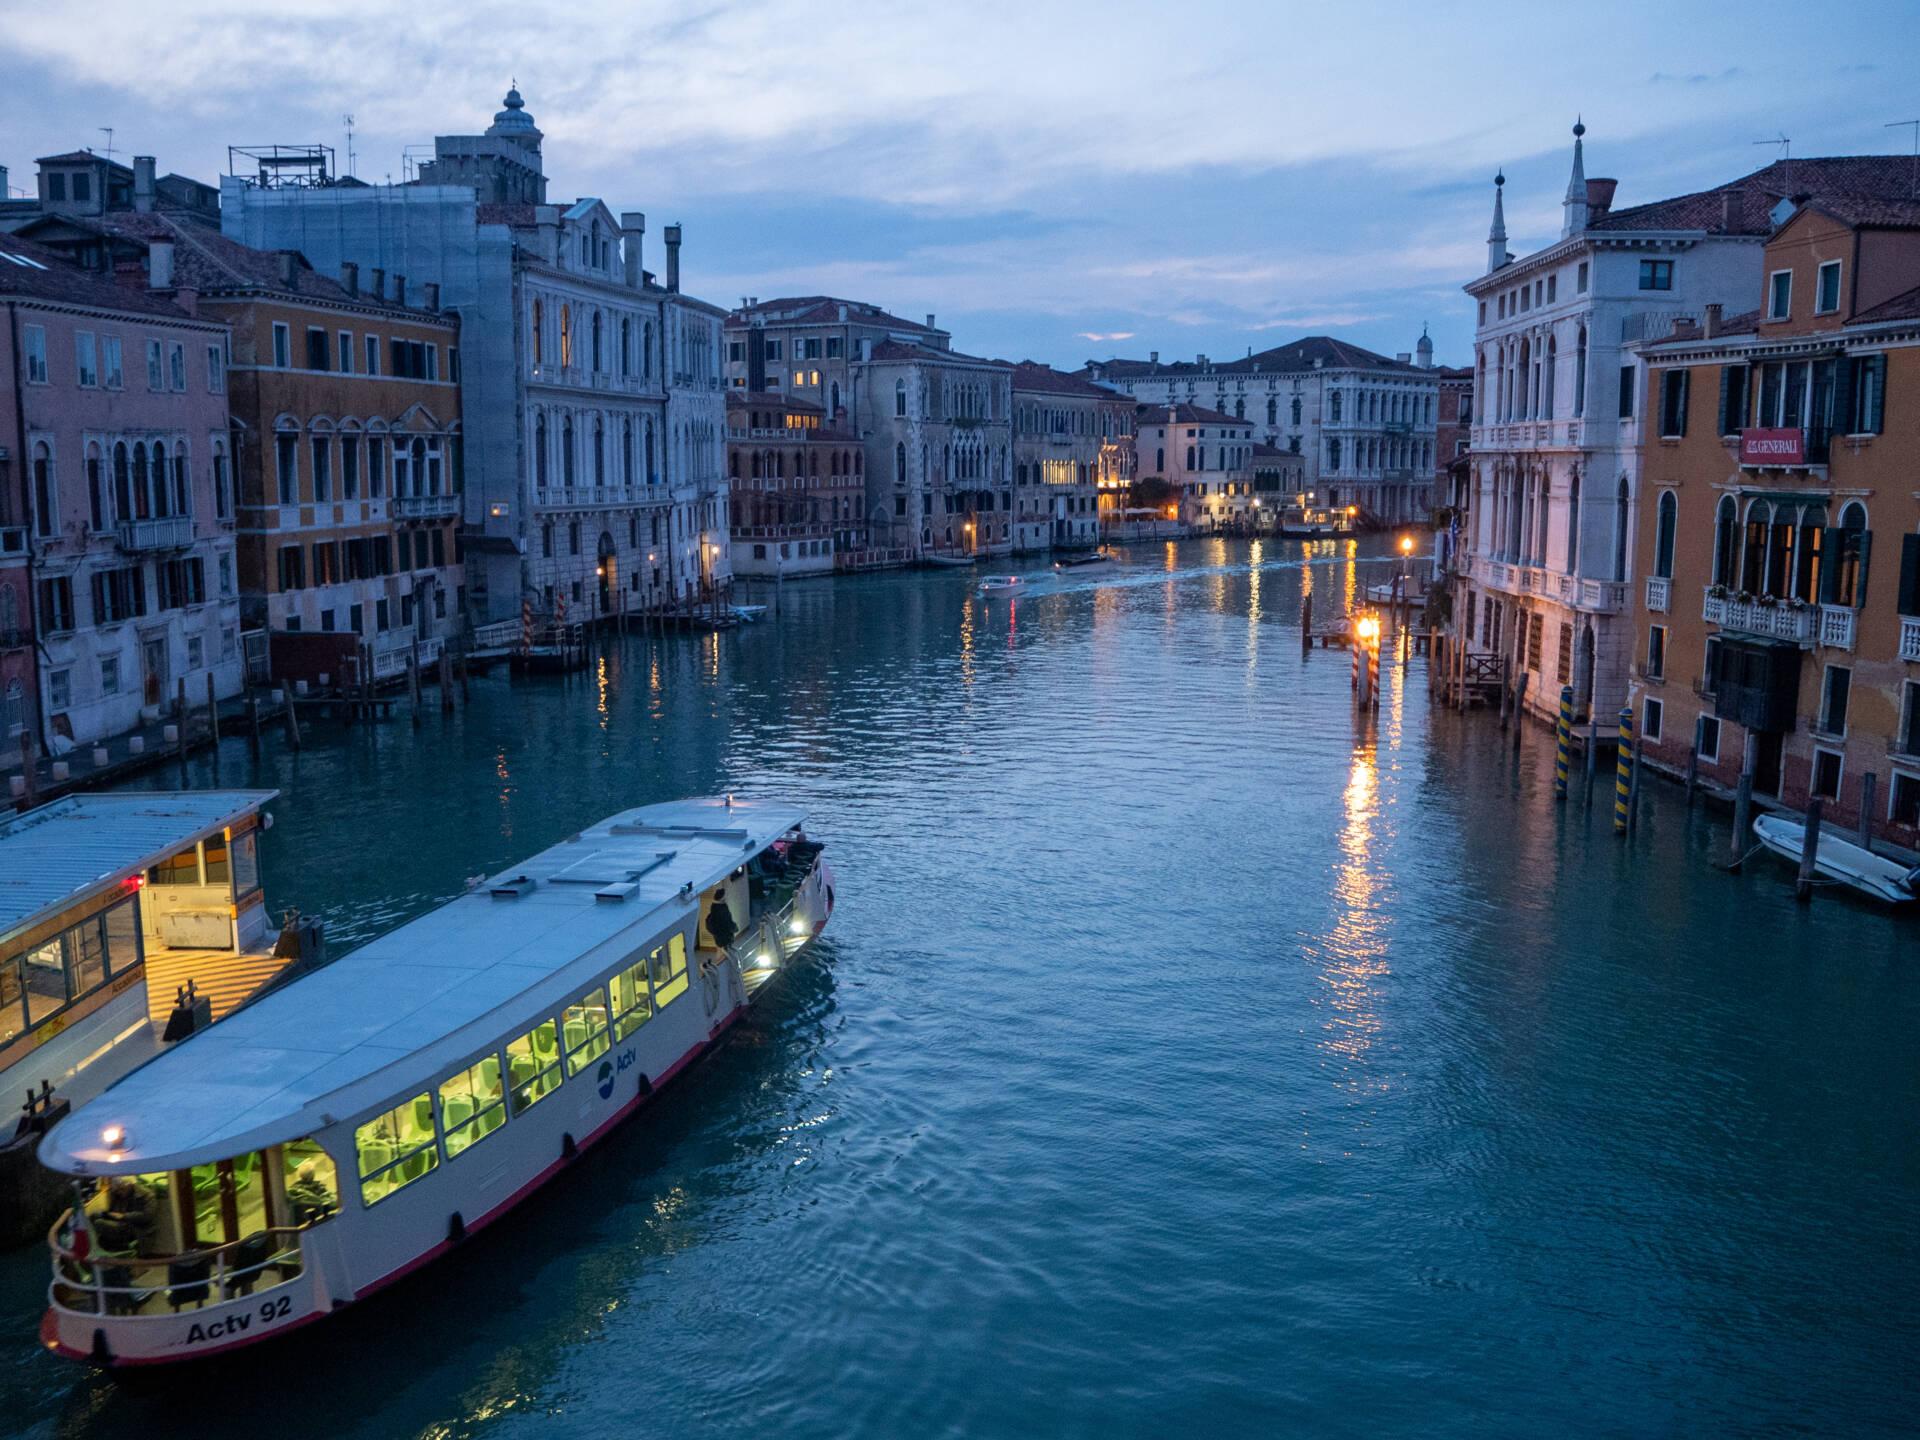 Venice on a budget - vaporetto